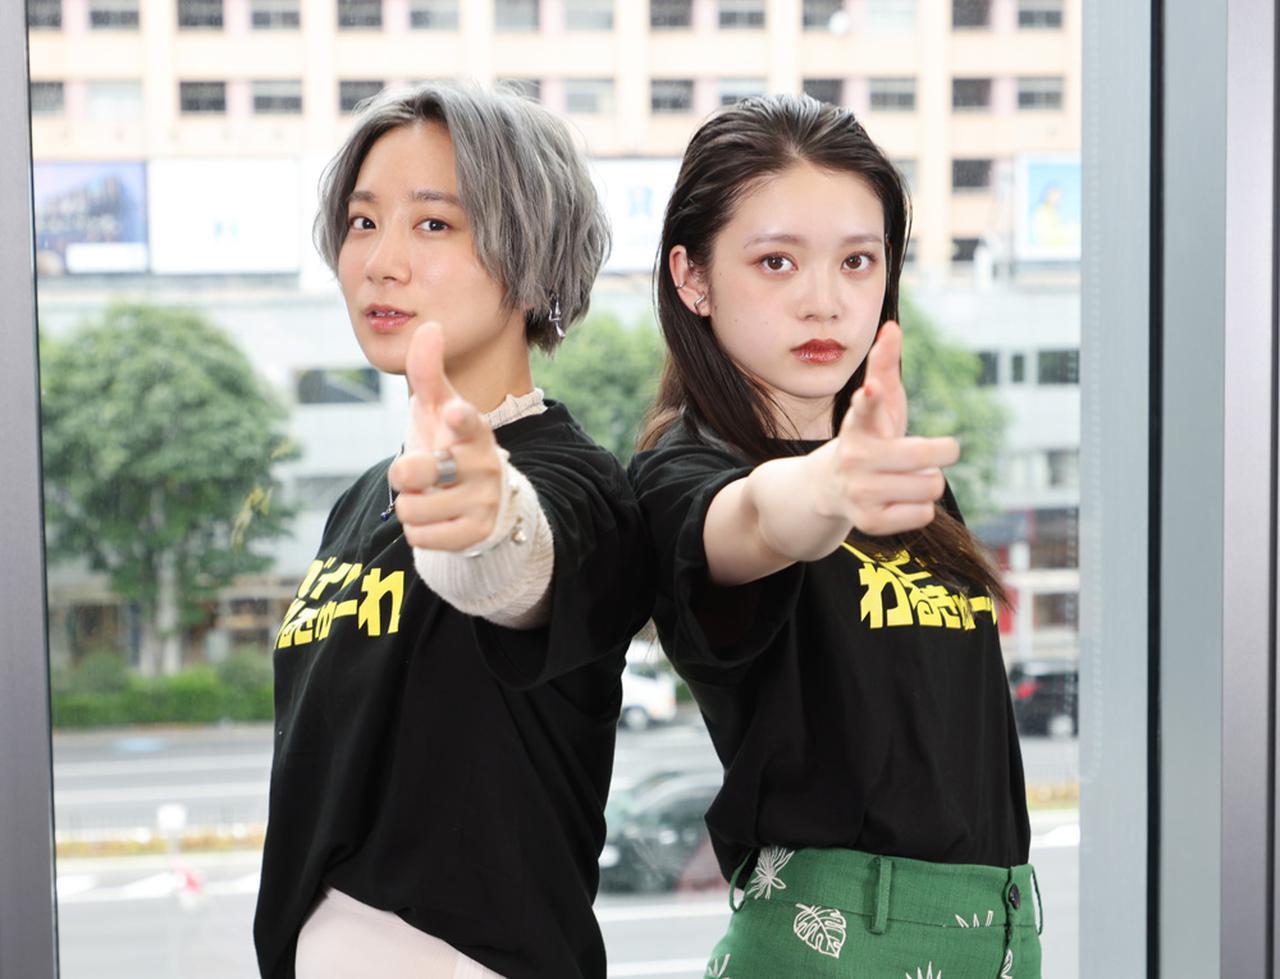 画像1: 「髙石あかり」&「伊澤彩織」がW主演のハードアクション作『ベイビーわるきゅーれ』。「2面性のギャップと、近接アクションを見てくださーい」